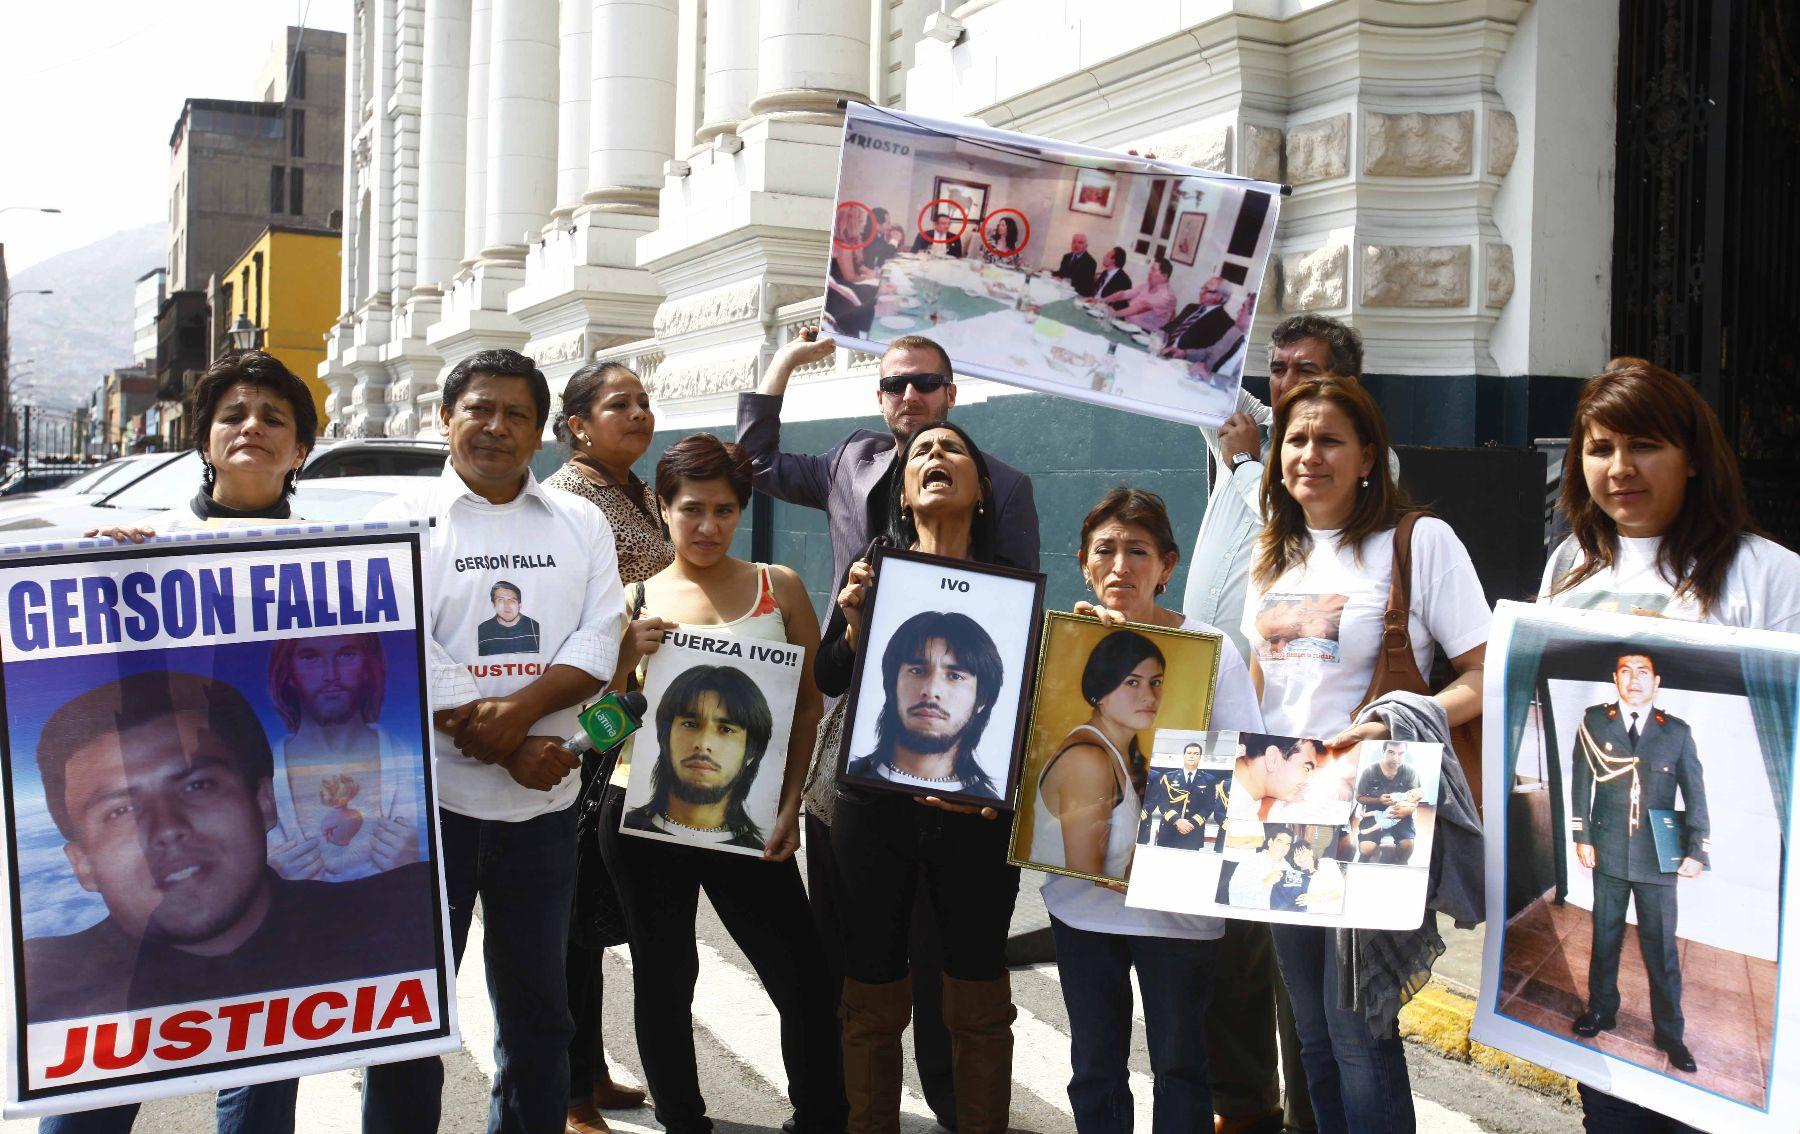 Caso Gerson Falla: se busca condena para todos los policías implicados